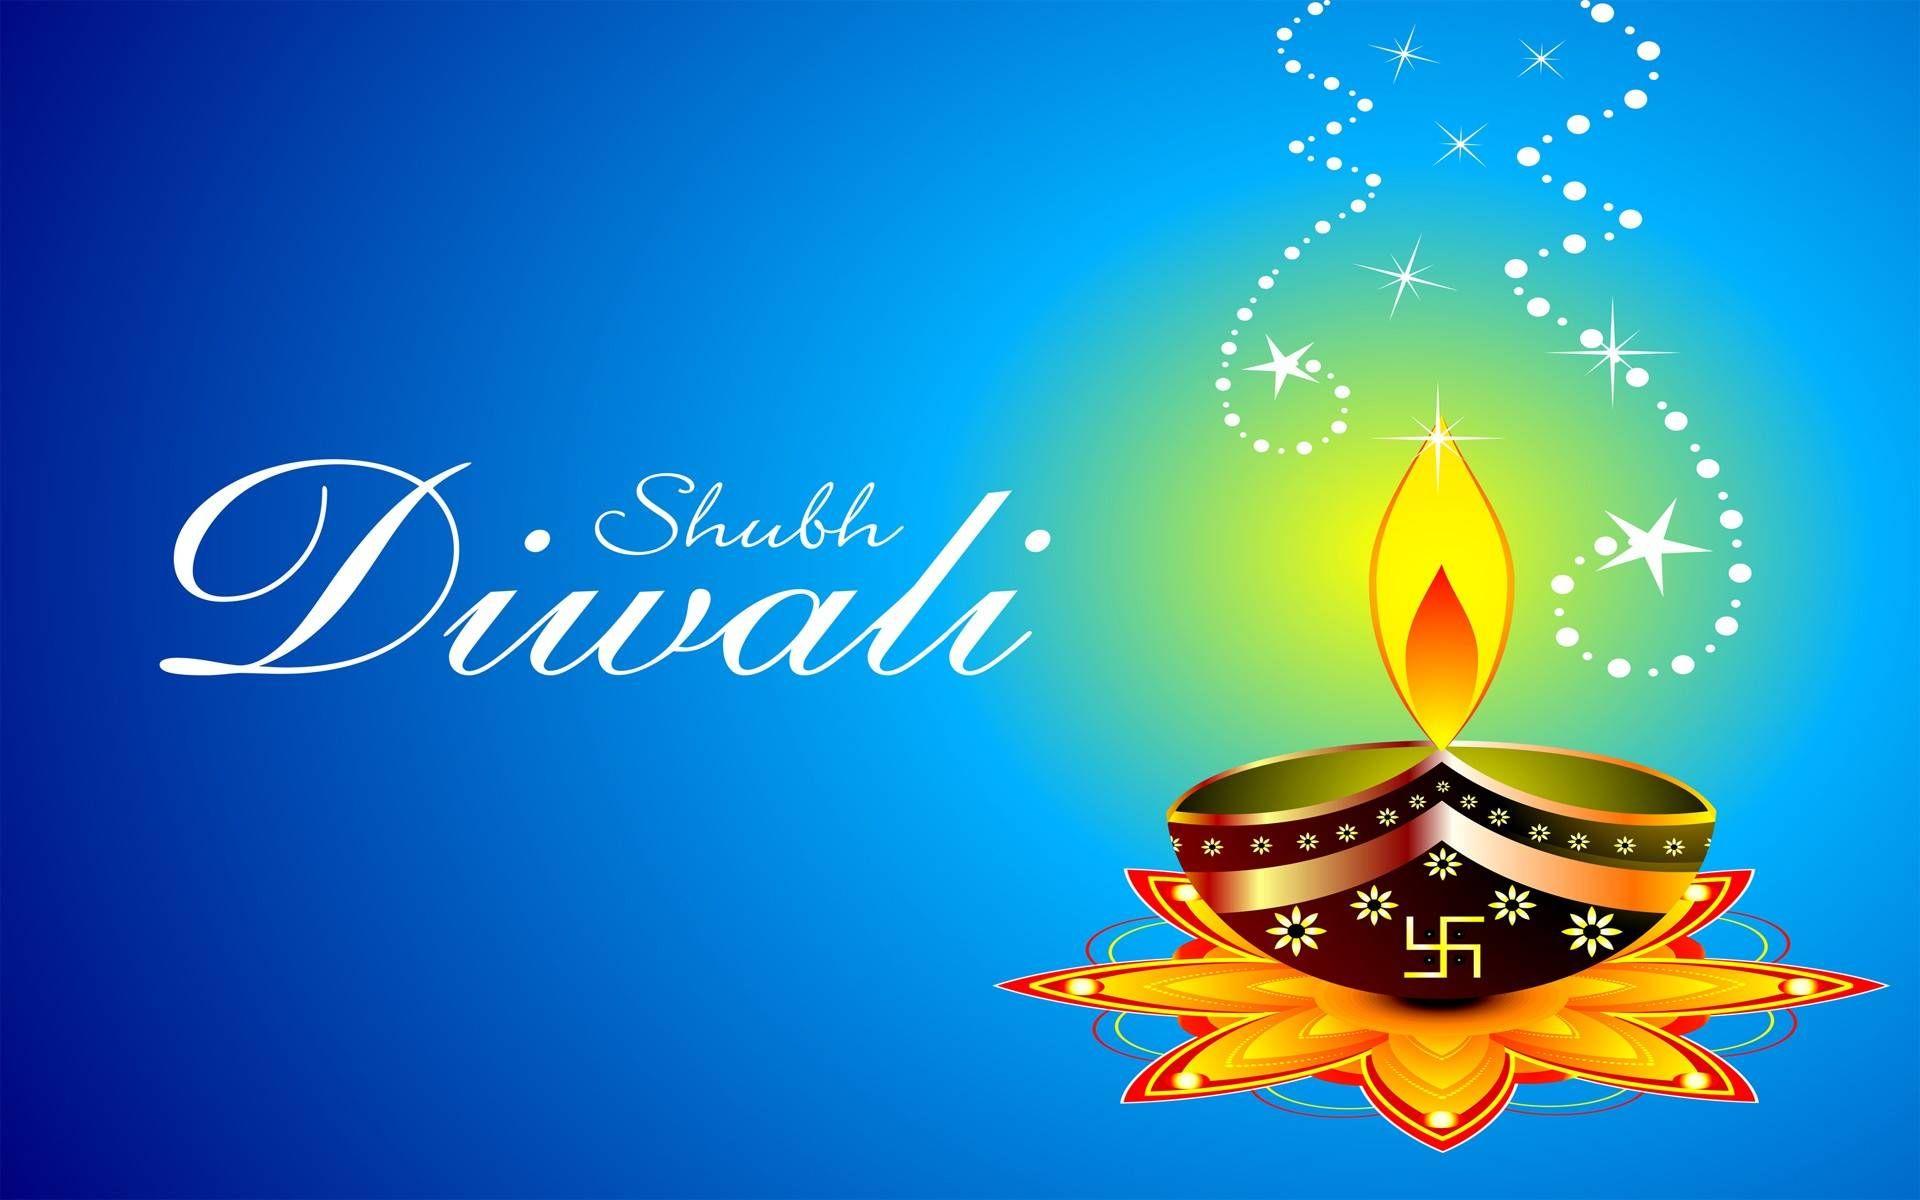 Happy Diwali 2015 Wallpapers With SMS : http://www.festivalworldz.com/happy-d...